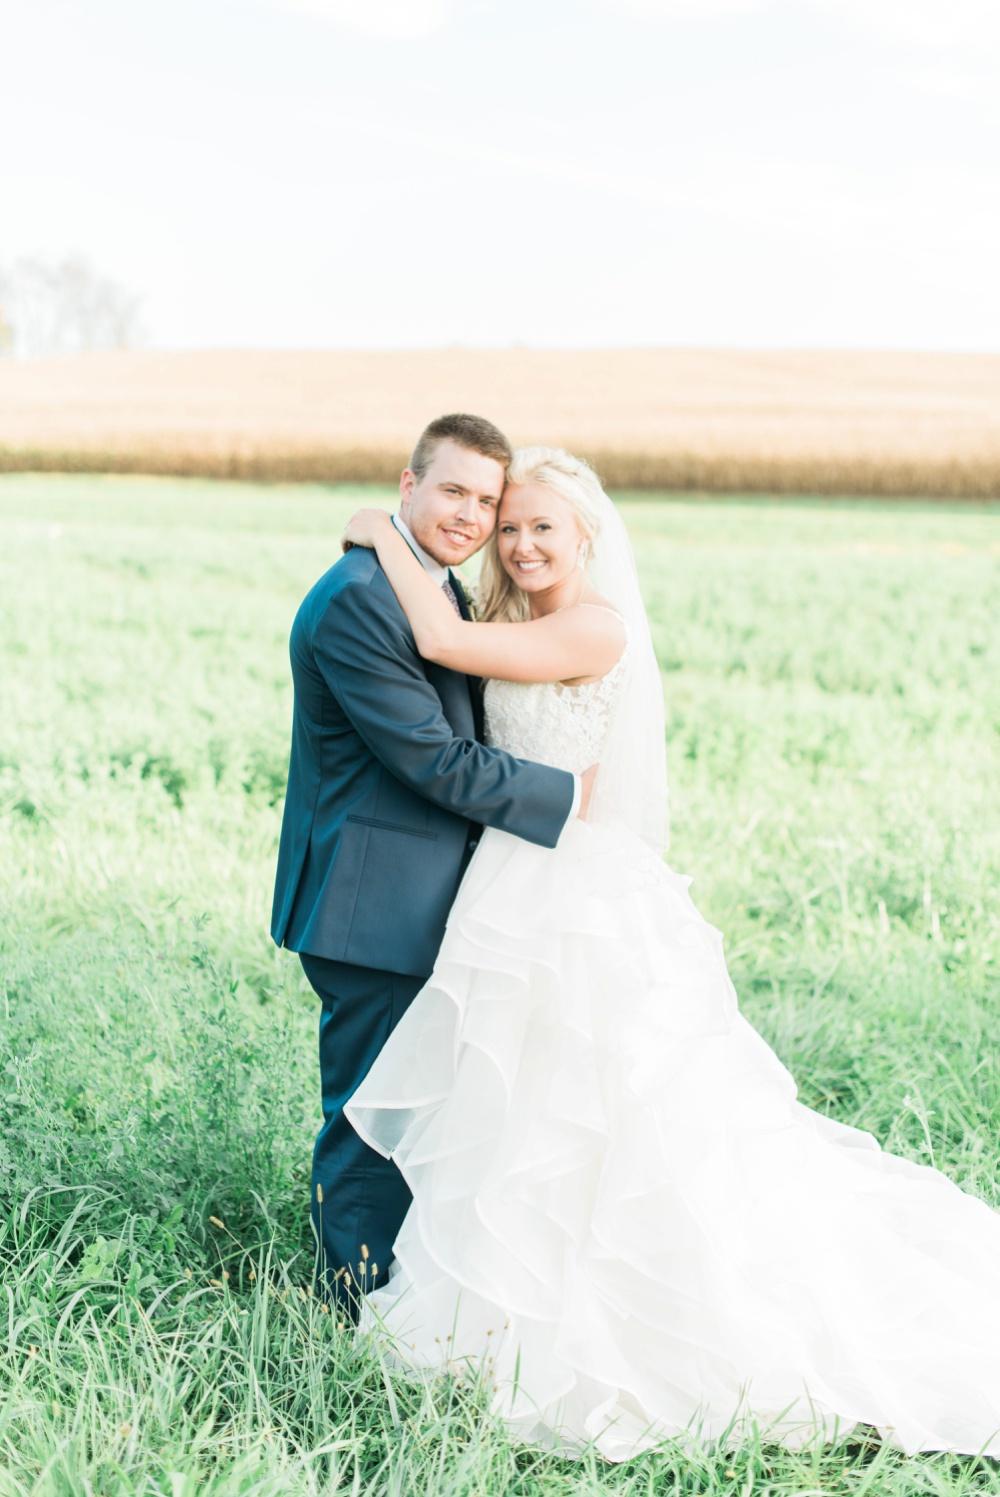 blessings-farmstead-wedding-lancaster-ohio-whitney-colby_0144.jpg